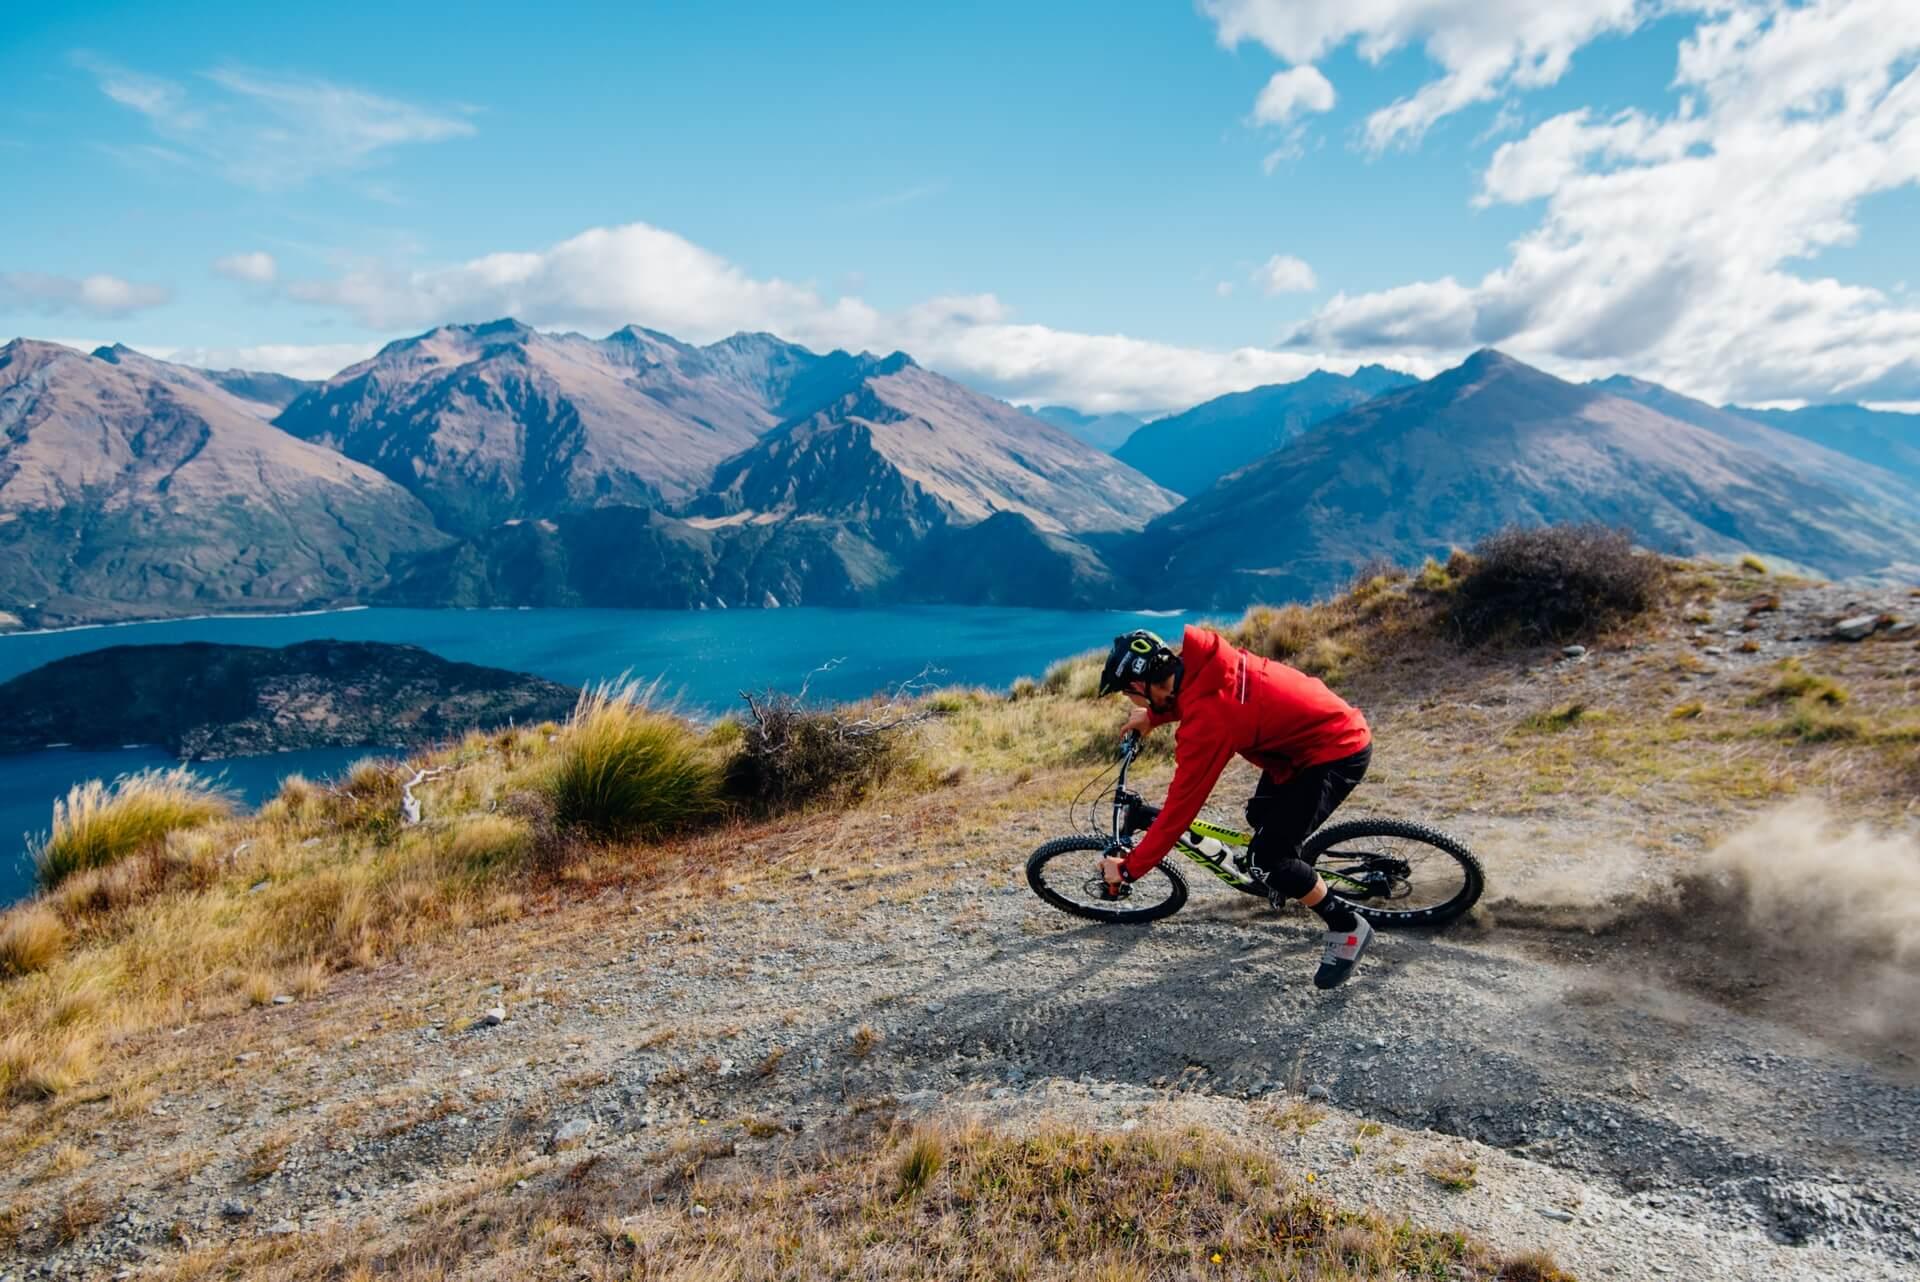 Exploring the Wanaka bike trails